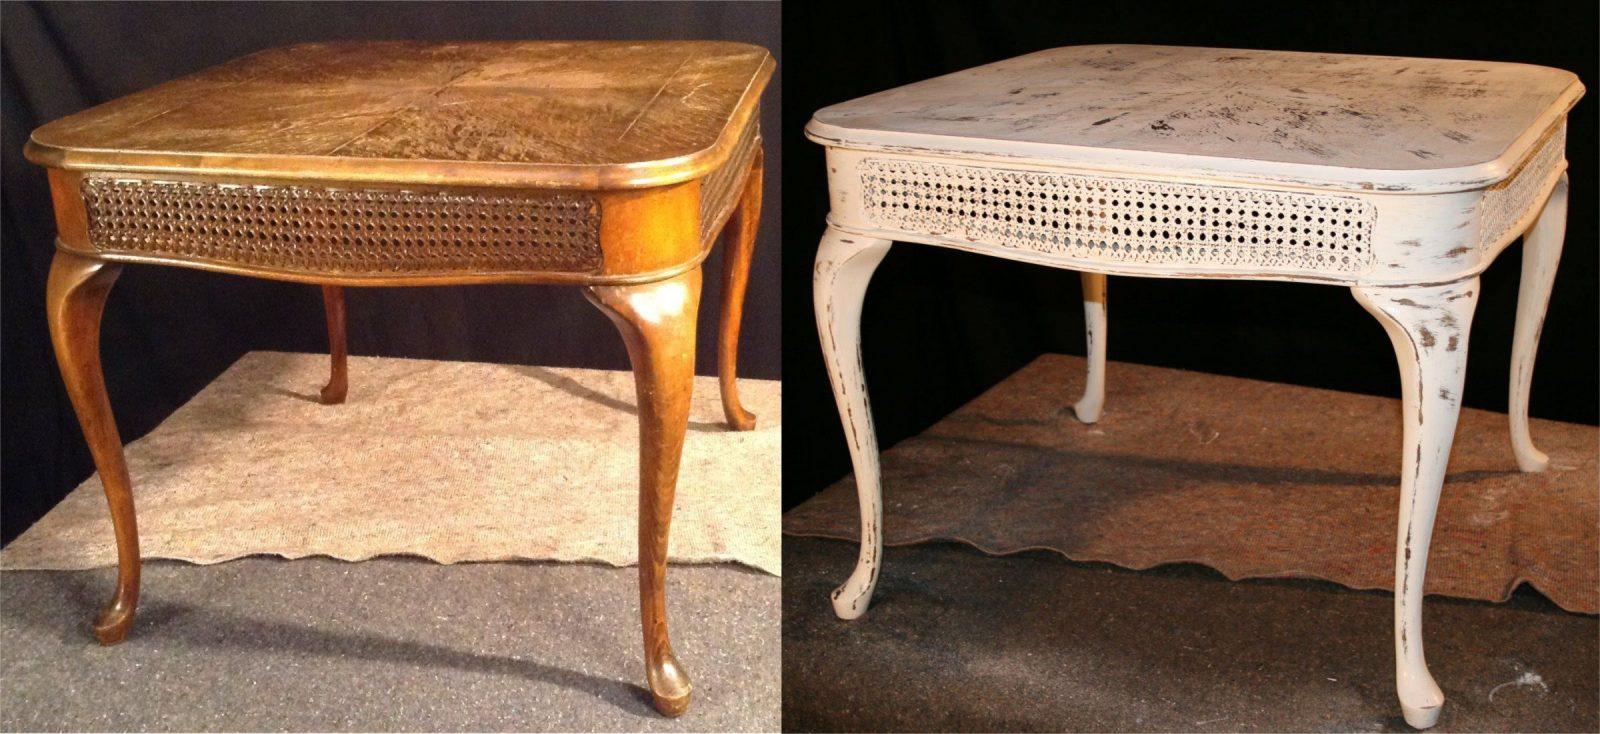 Alten tisch neu gestalten haus design ideen - Aus alt mach neu mobel ...